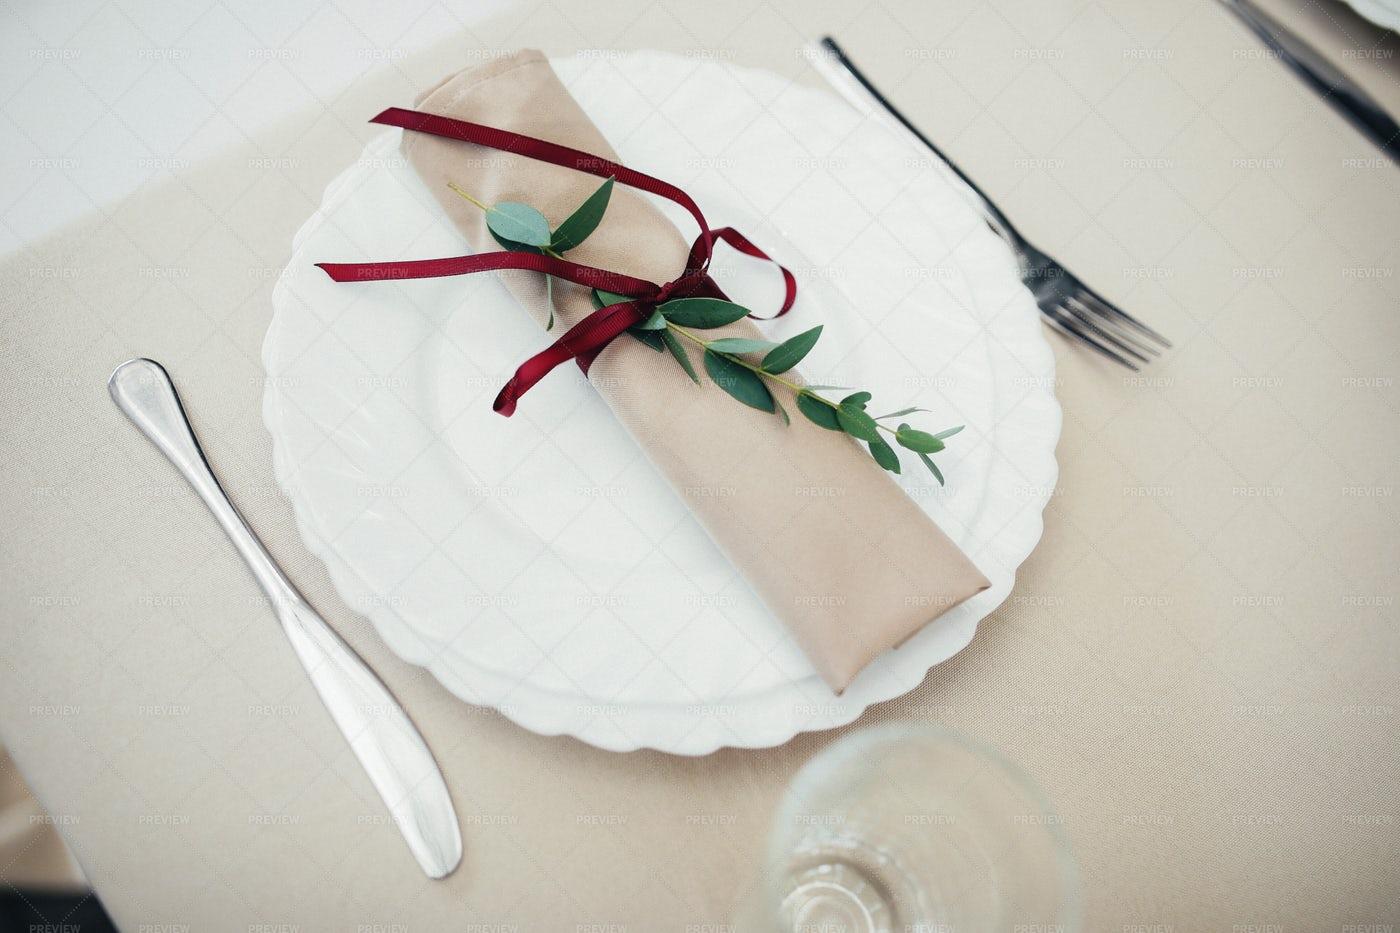 White Wedding Plate: Stock Photos